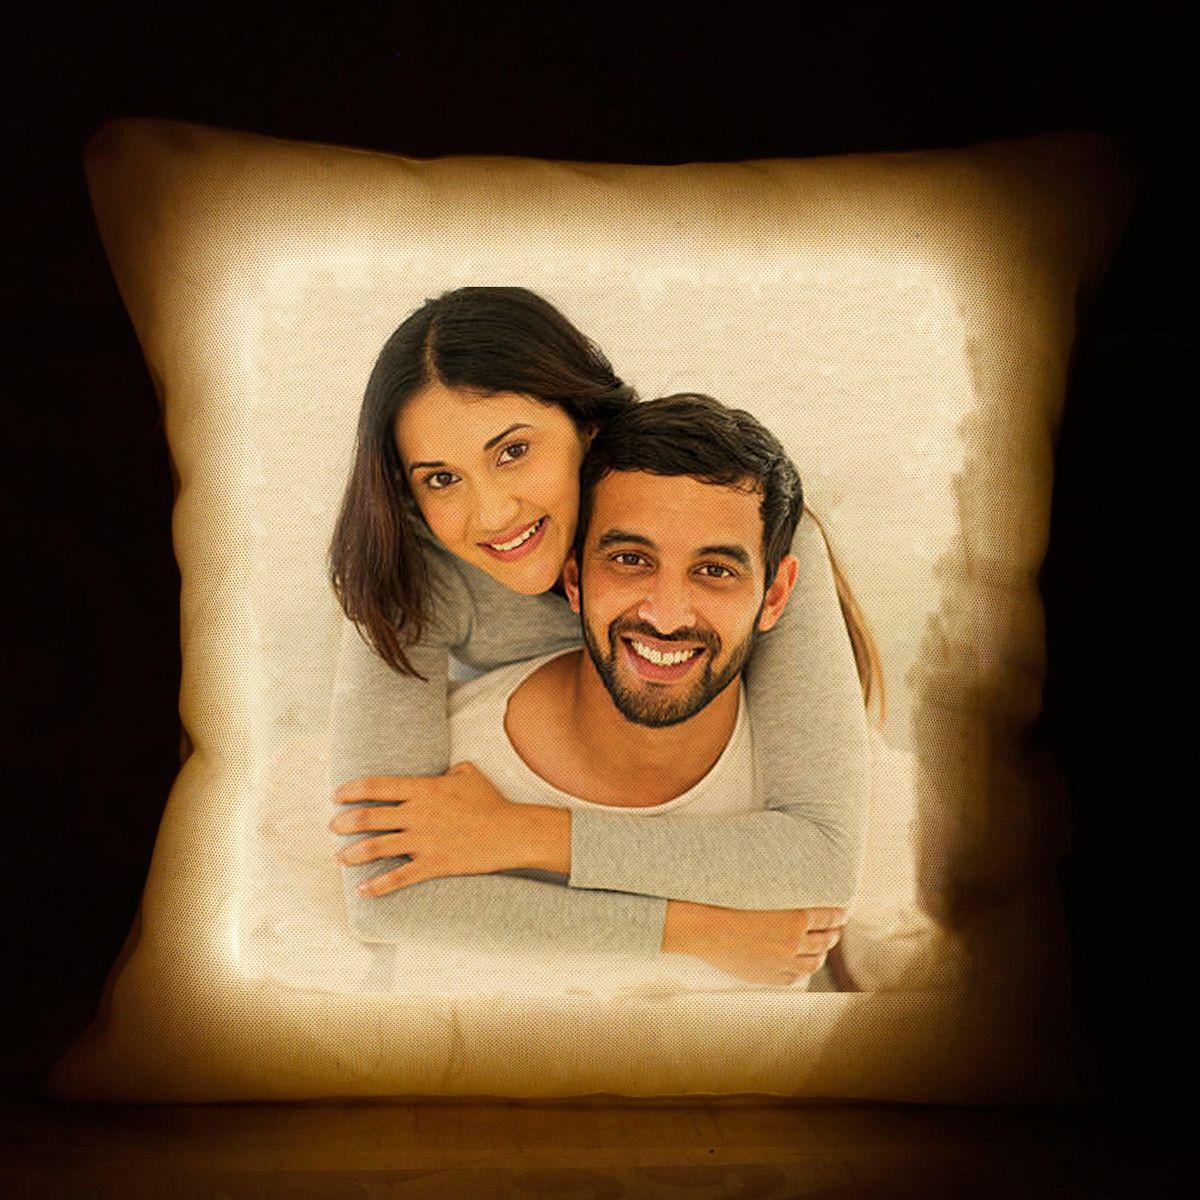 Personalized LED Photo Cushion